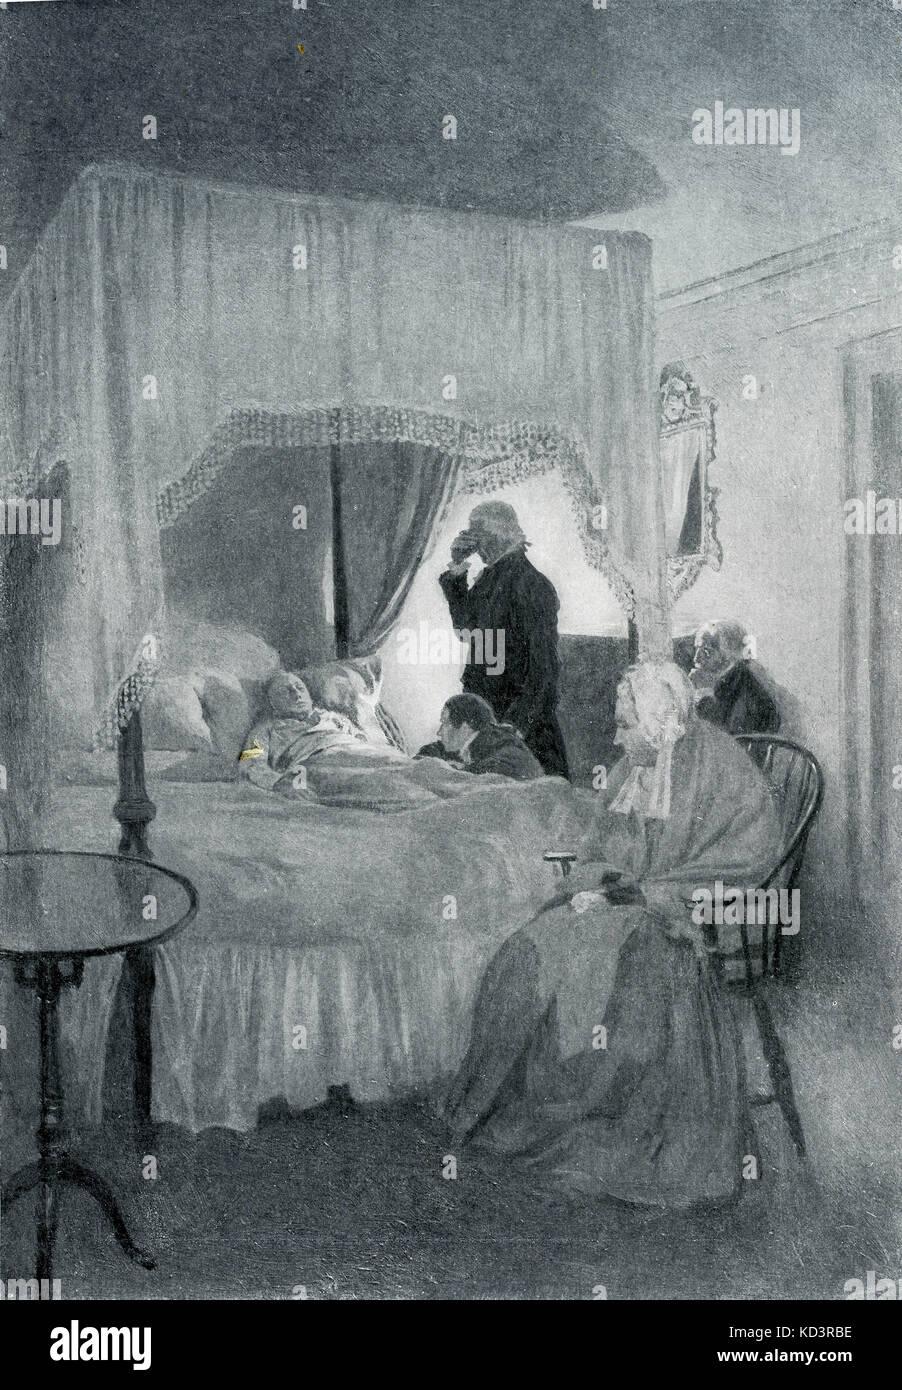 Mort de George Washington à Mount Vernon, 14 décembre 1799. Illustration de Howard Pyle, 1896 Banque D'Images